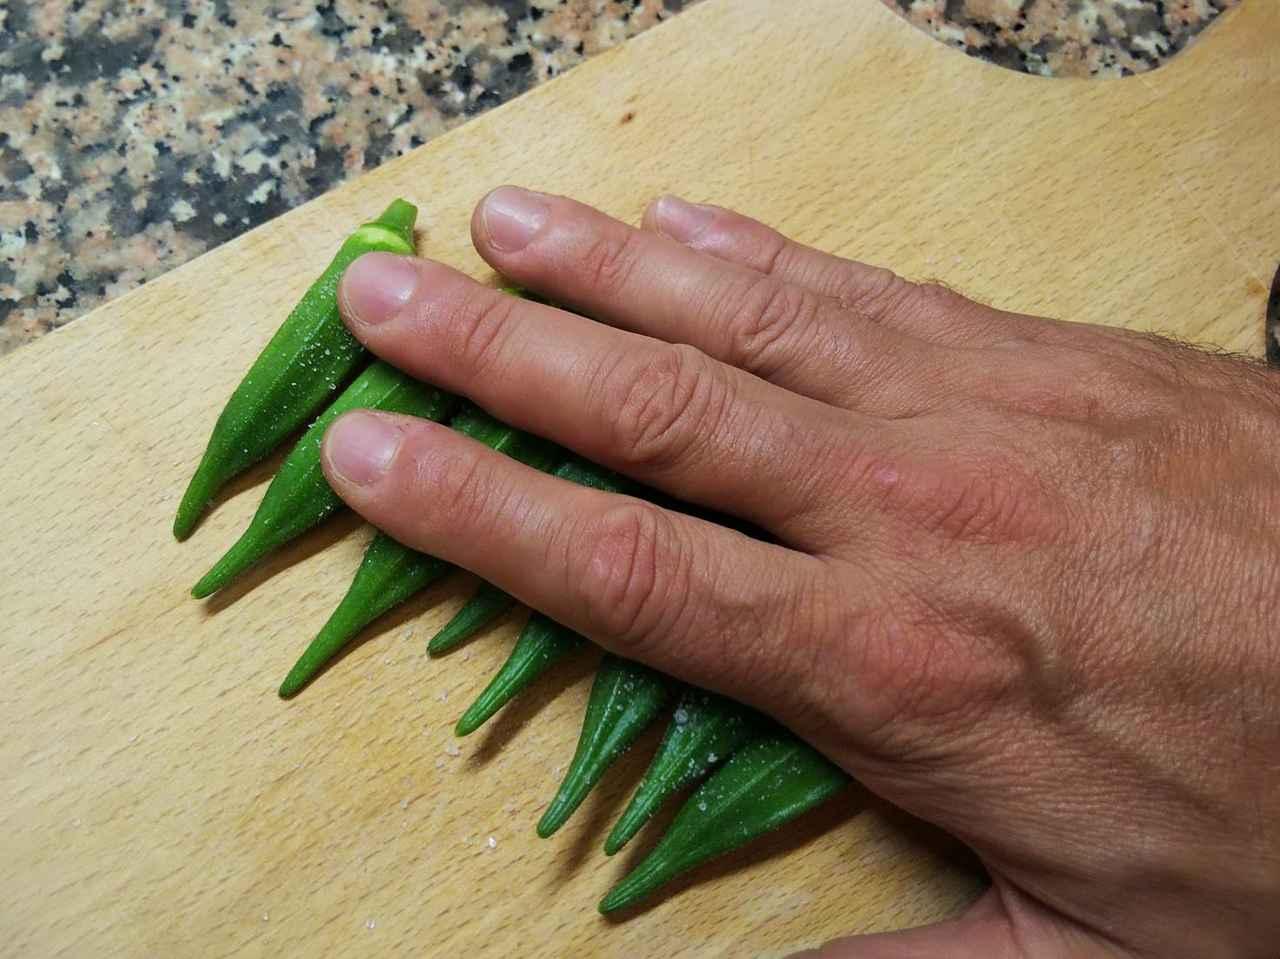 画像: 筆者撮影 オクラの下処理は板ずりしてうぶ毛を取る